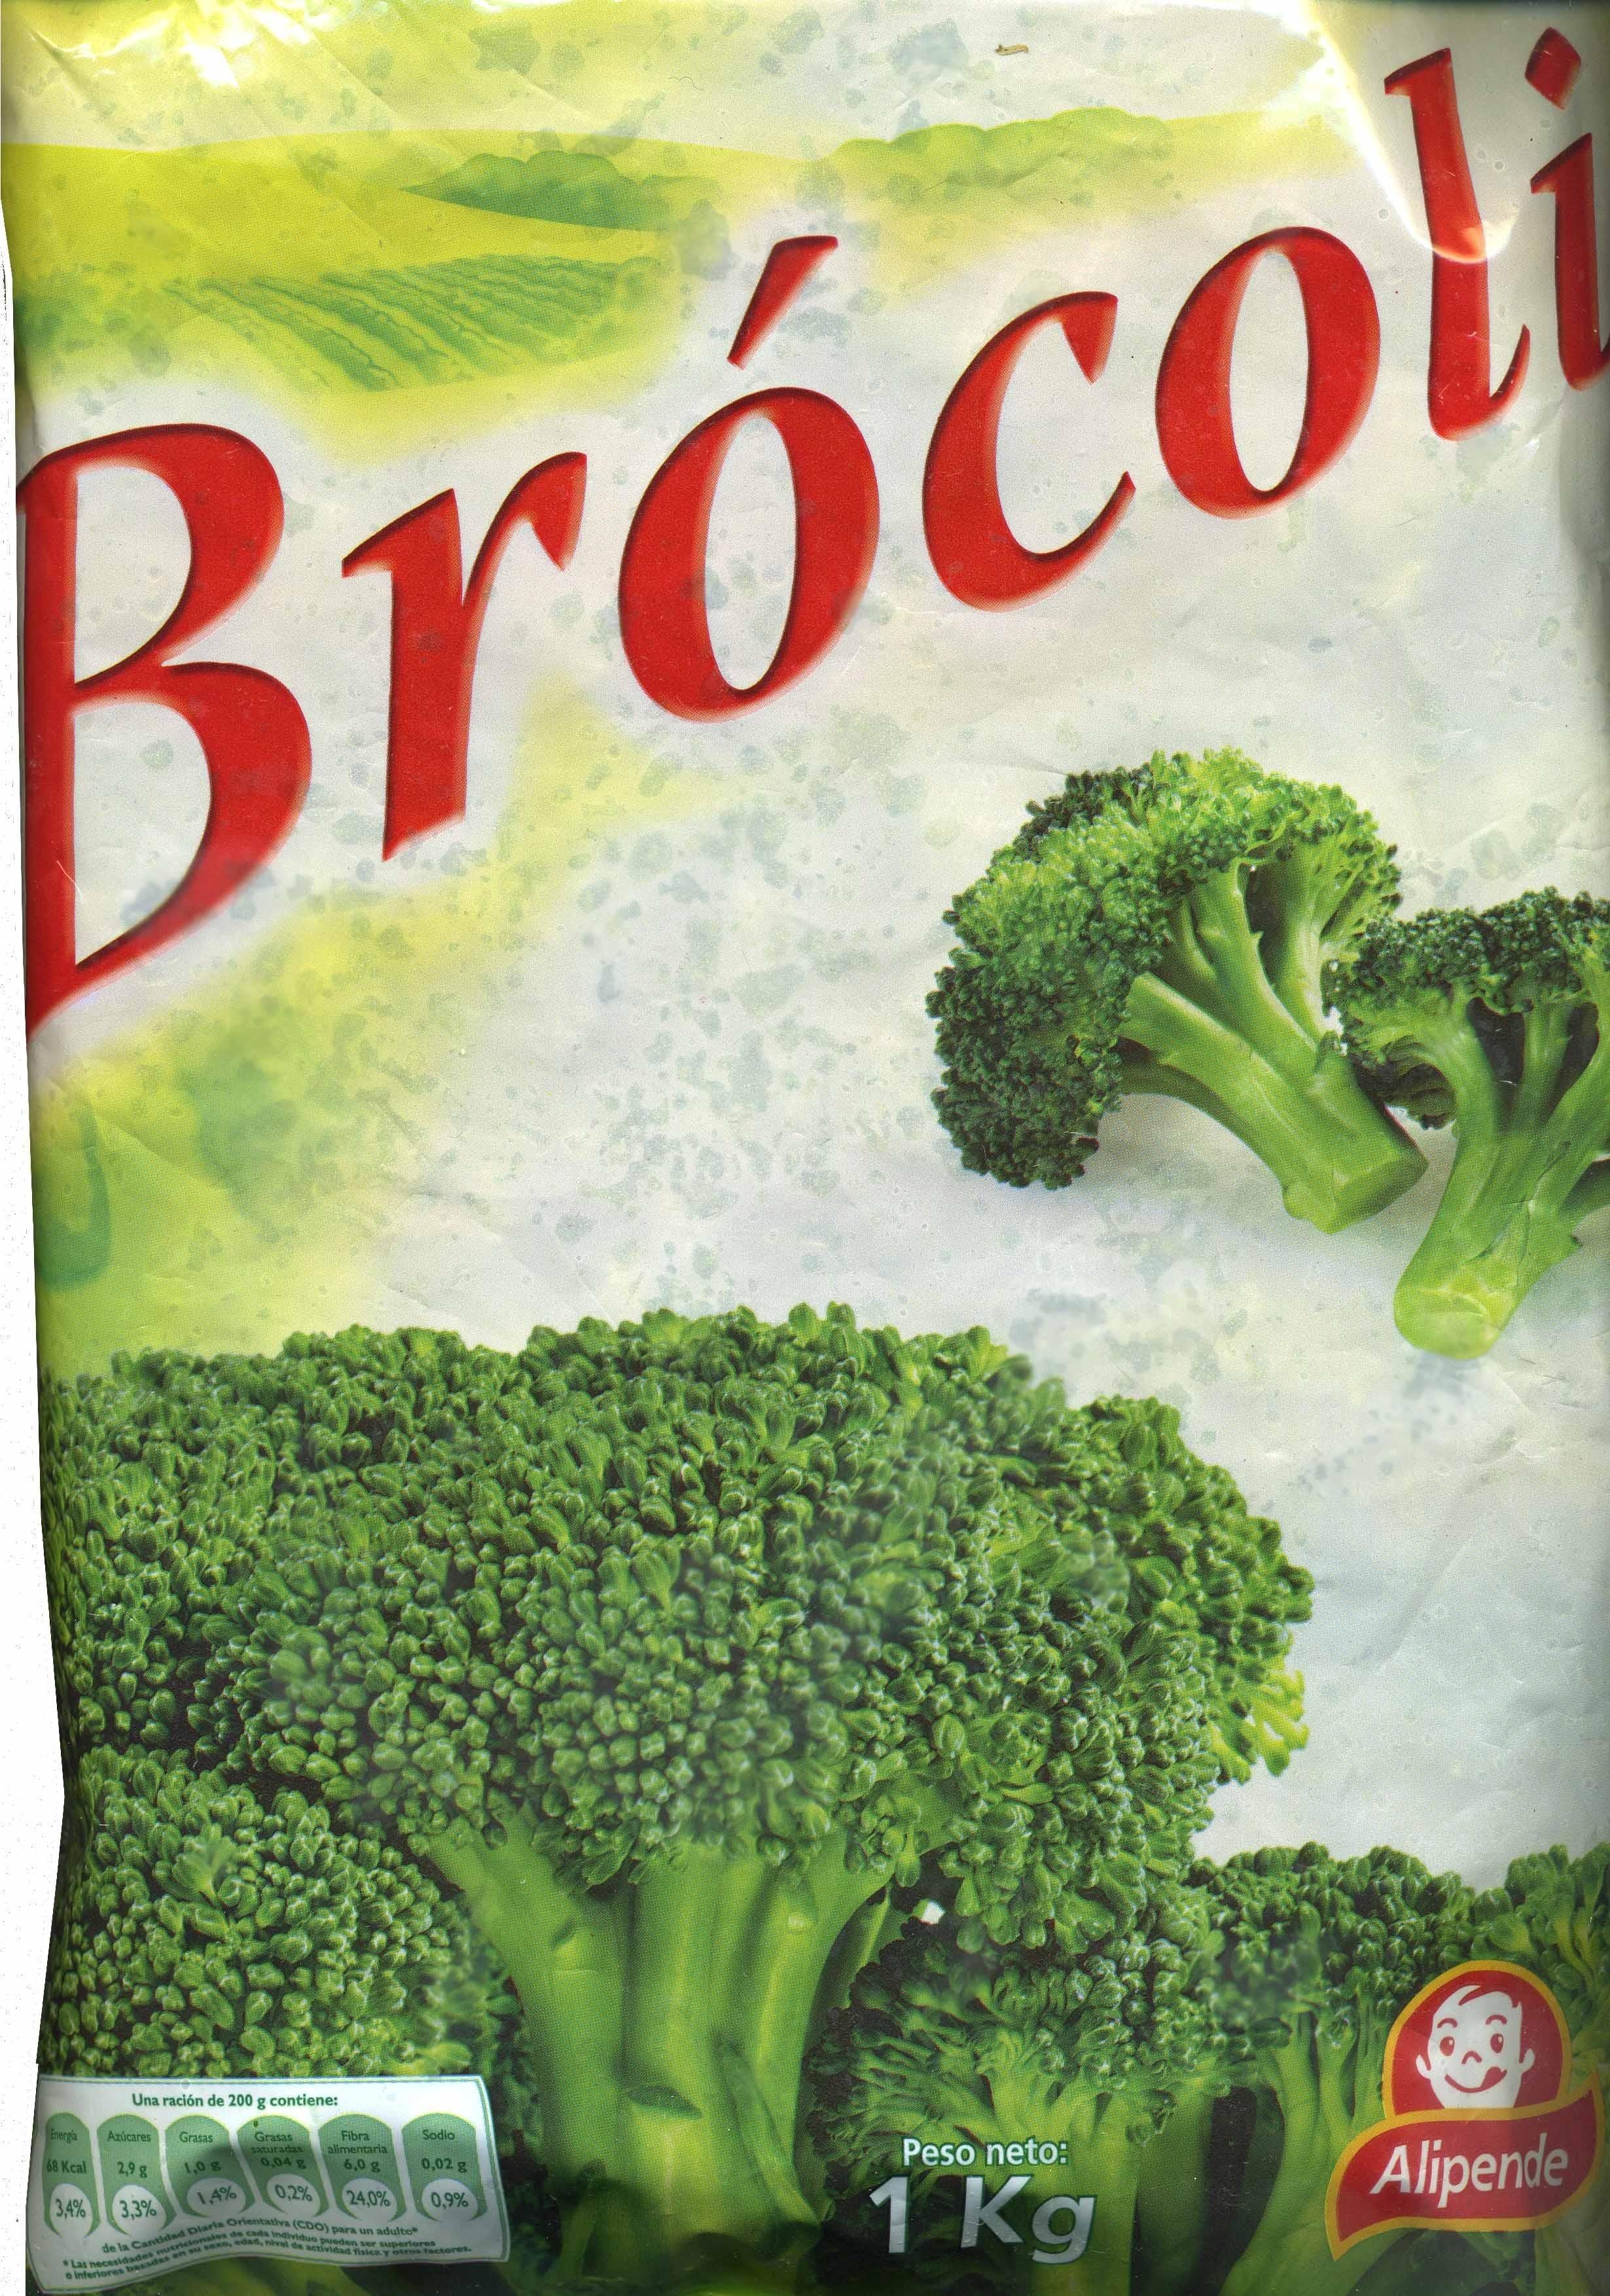 Brócoli Alipende - Producto